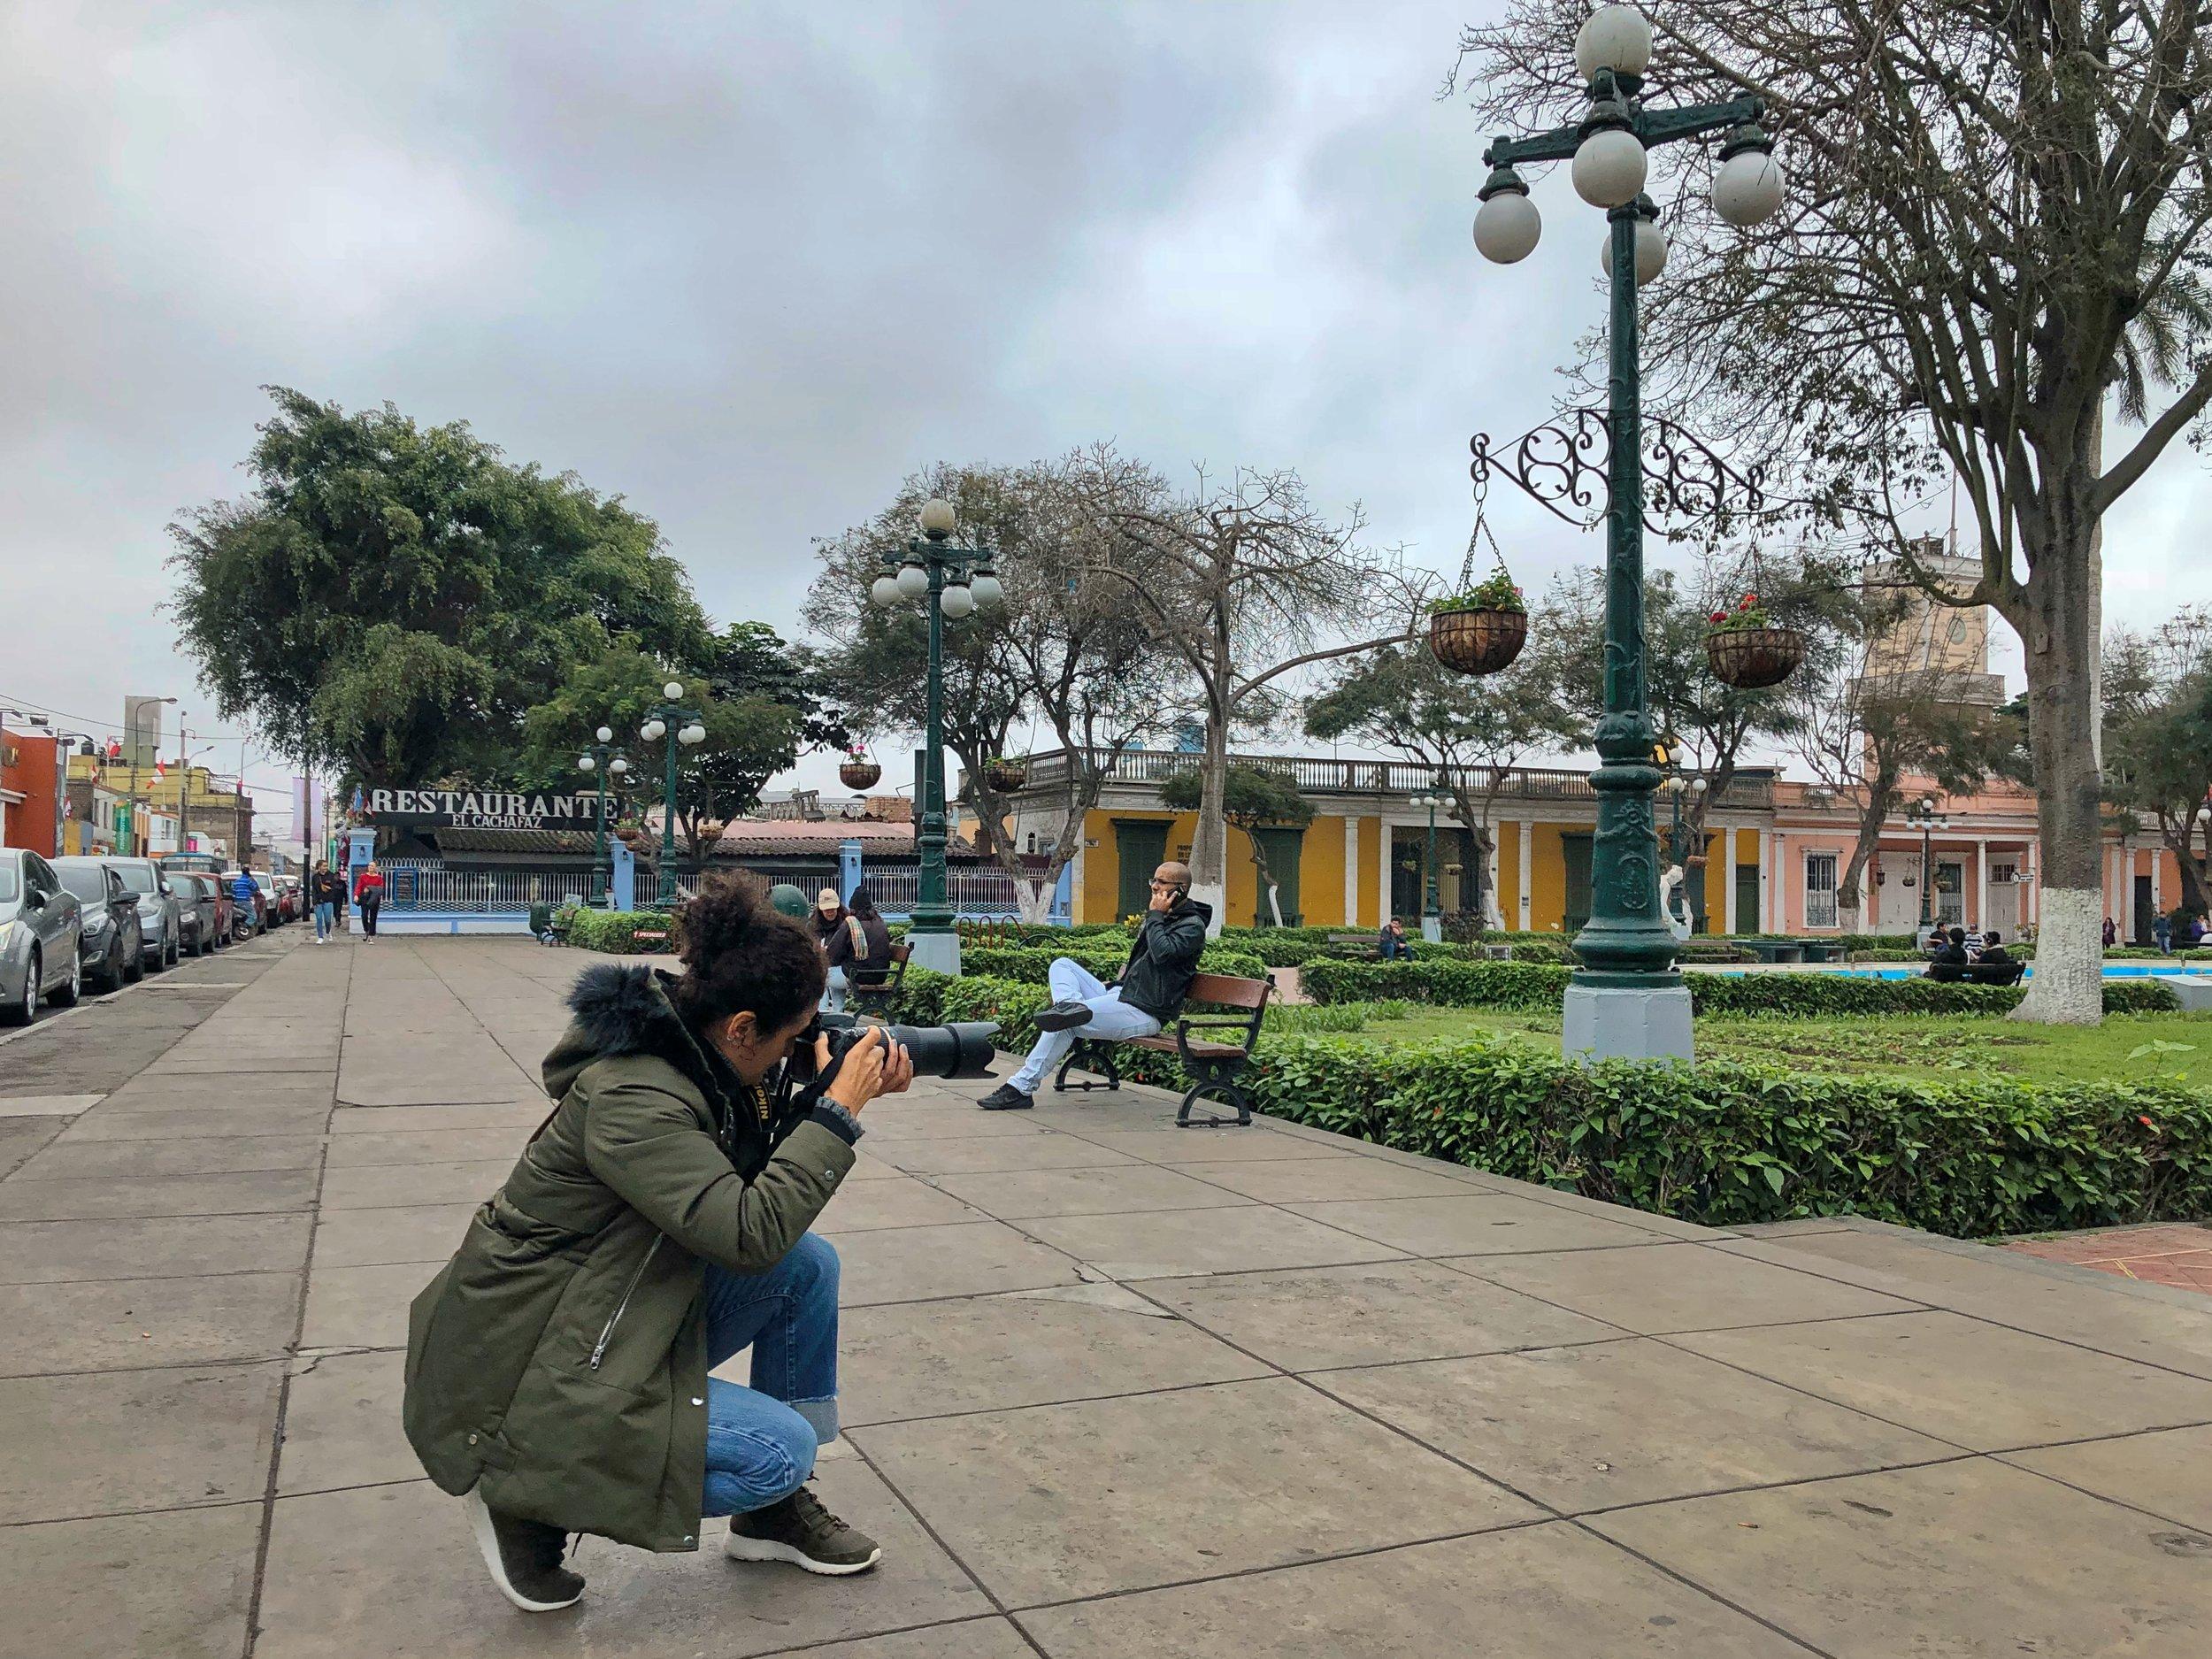 Cinda Miranda  estuvo fotografiando en el distrito bohemio de Barranco. Durante su recorrido, pasó por los lugares emblemáticos de dicho distrito limeño, como la Plaza Municipal (en esta imagen), la Parroquia La Santísima Cruz y el Puente de los Suspiros.